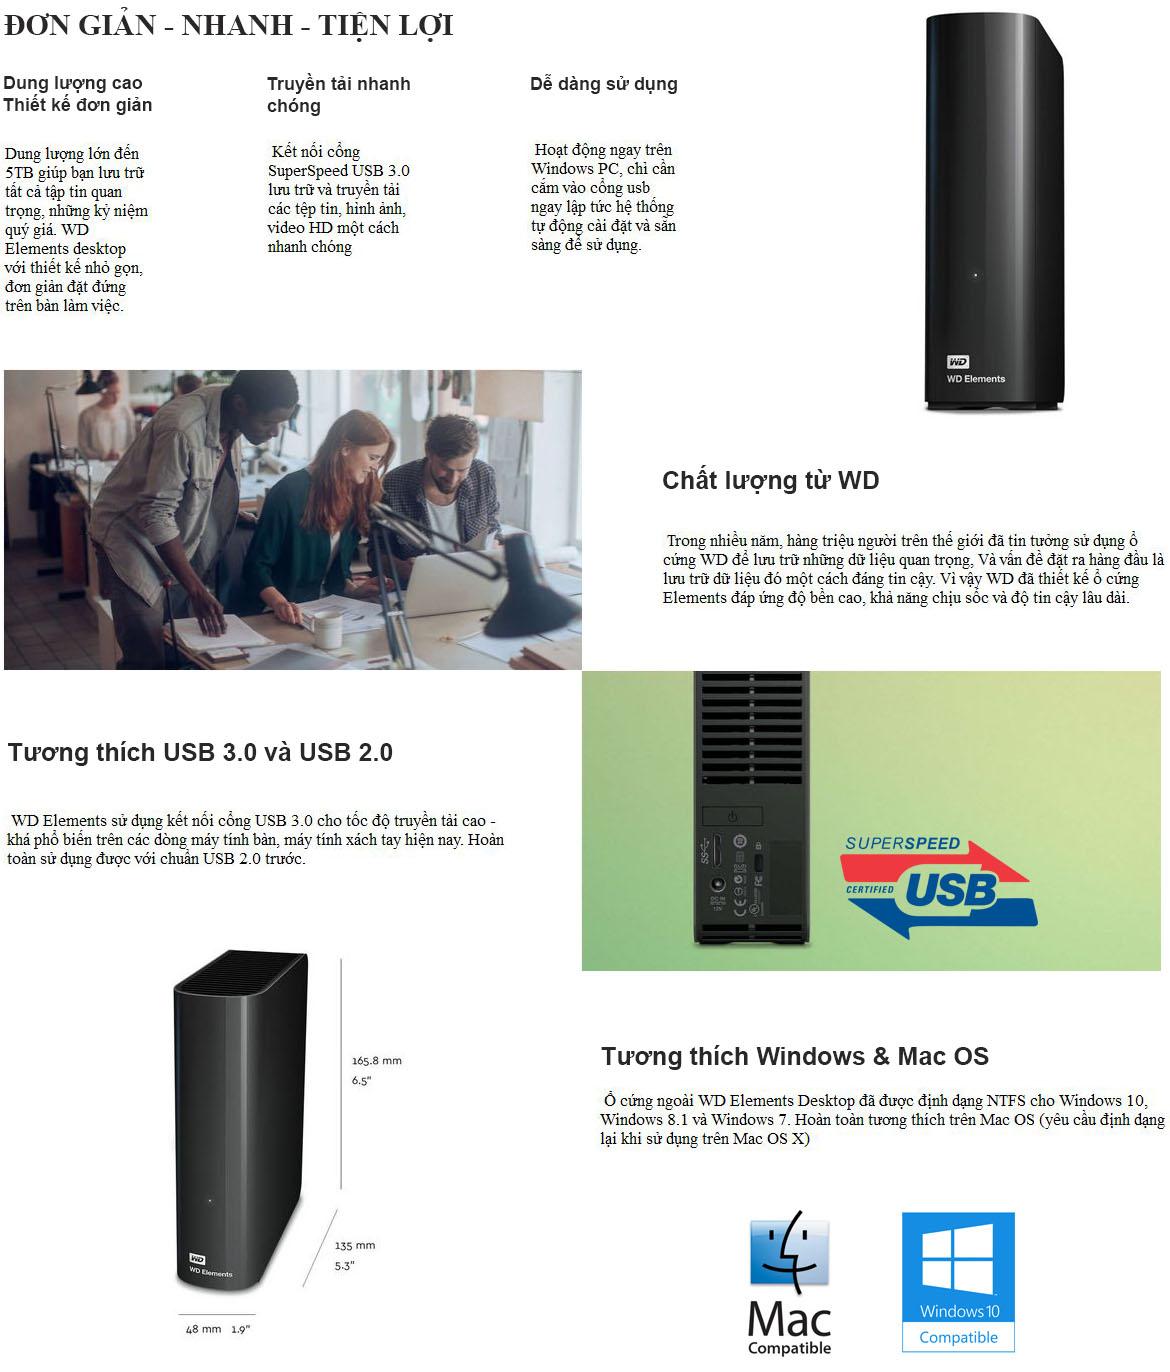 Tính năng ổ cứng WD Elements Desktop